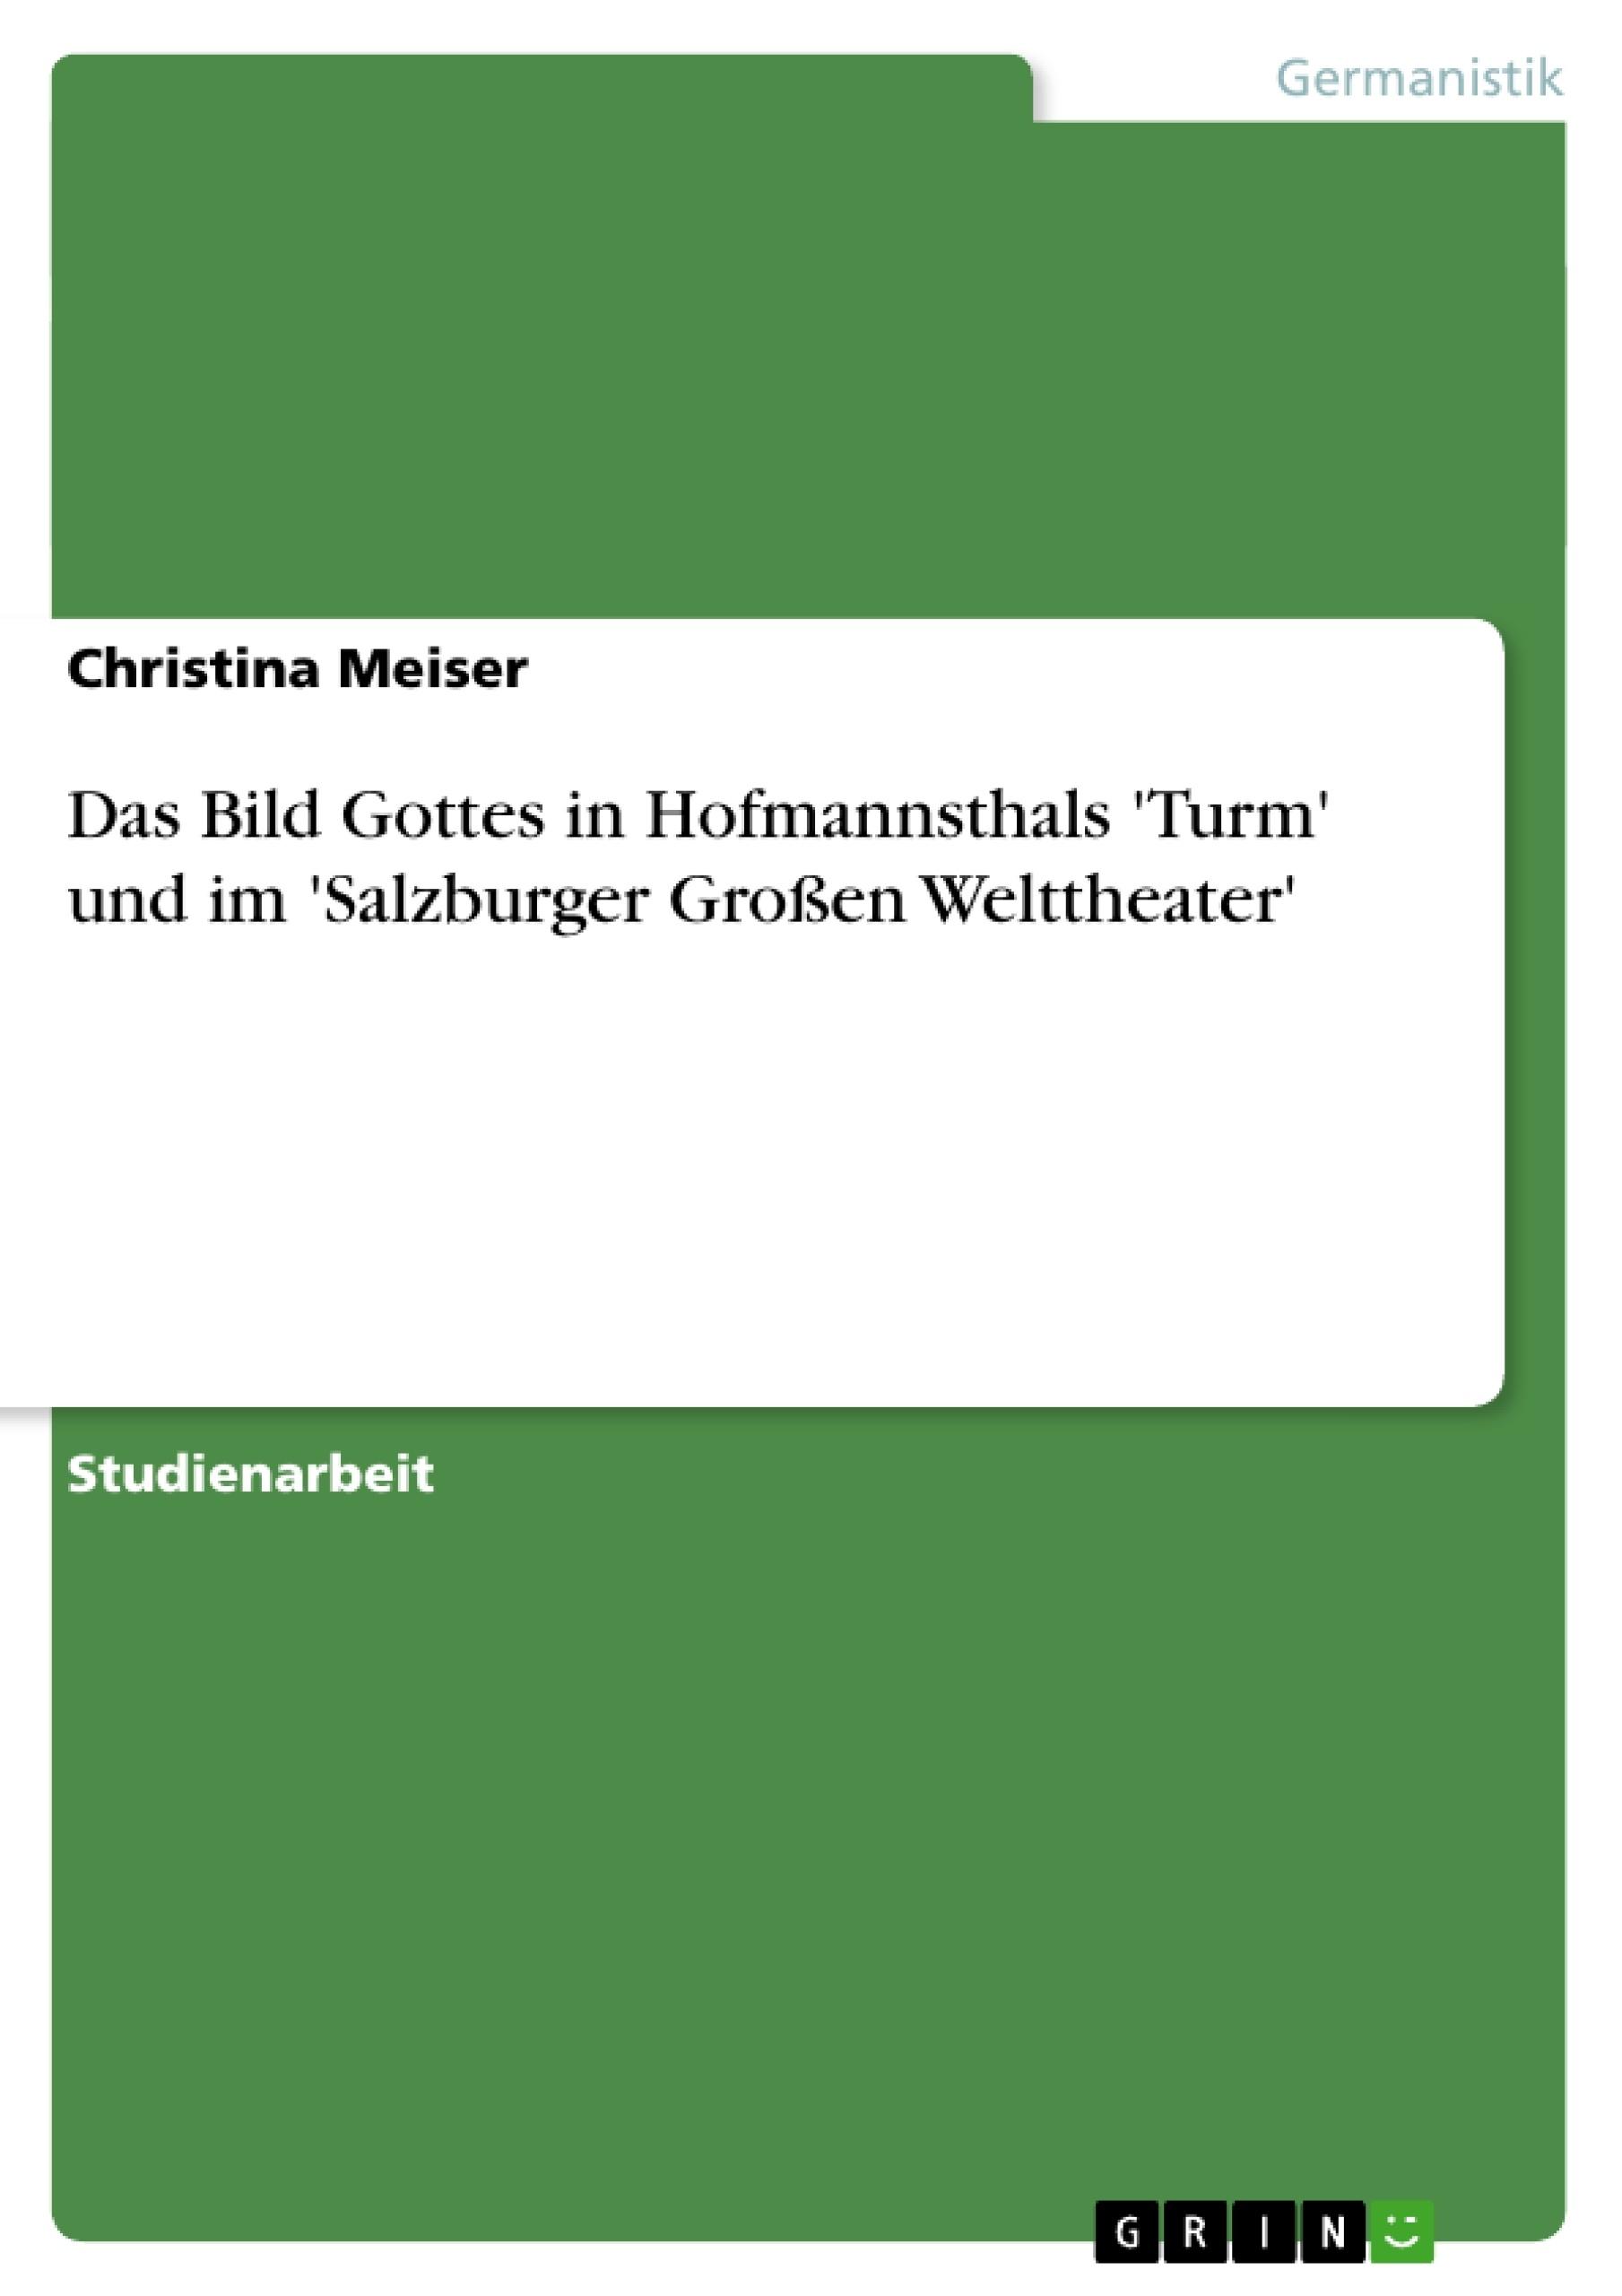 Titel: Das Bild Gottes in Hofmannsthals 'Turm' und im 'Salzburger Großen Welttheater'